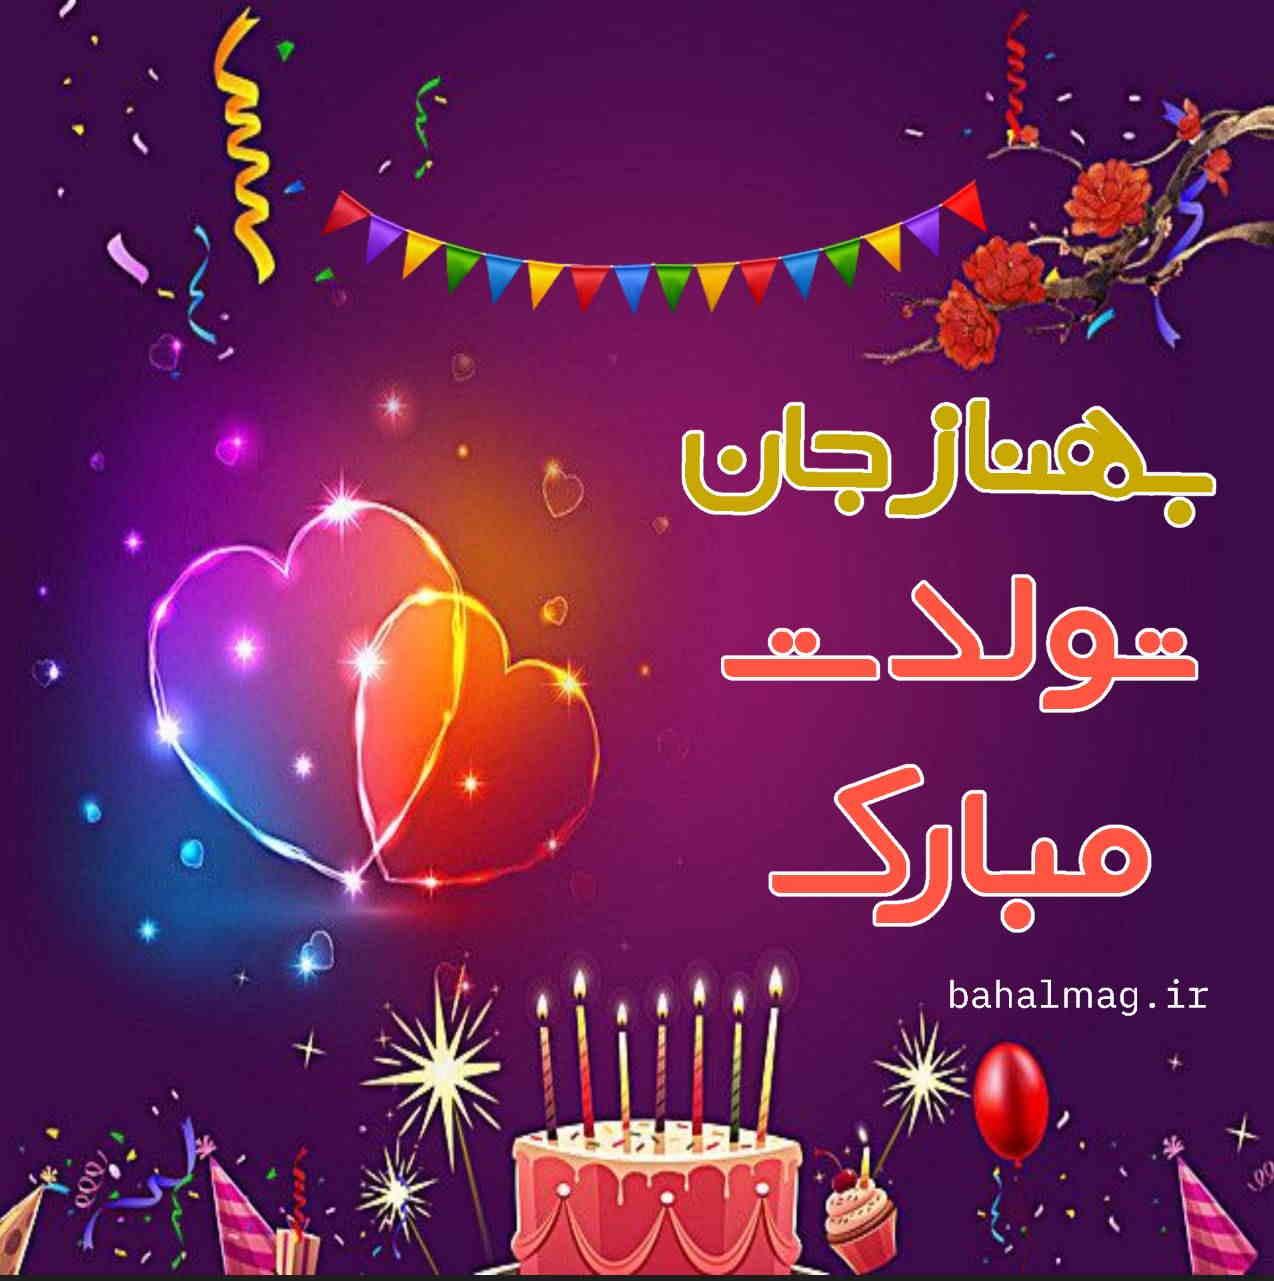 بهناز جان تولدت مبارک